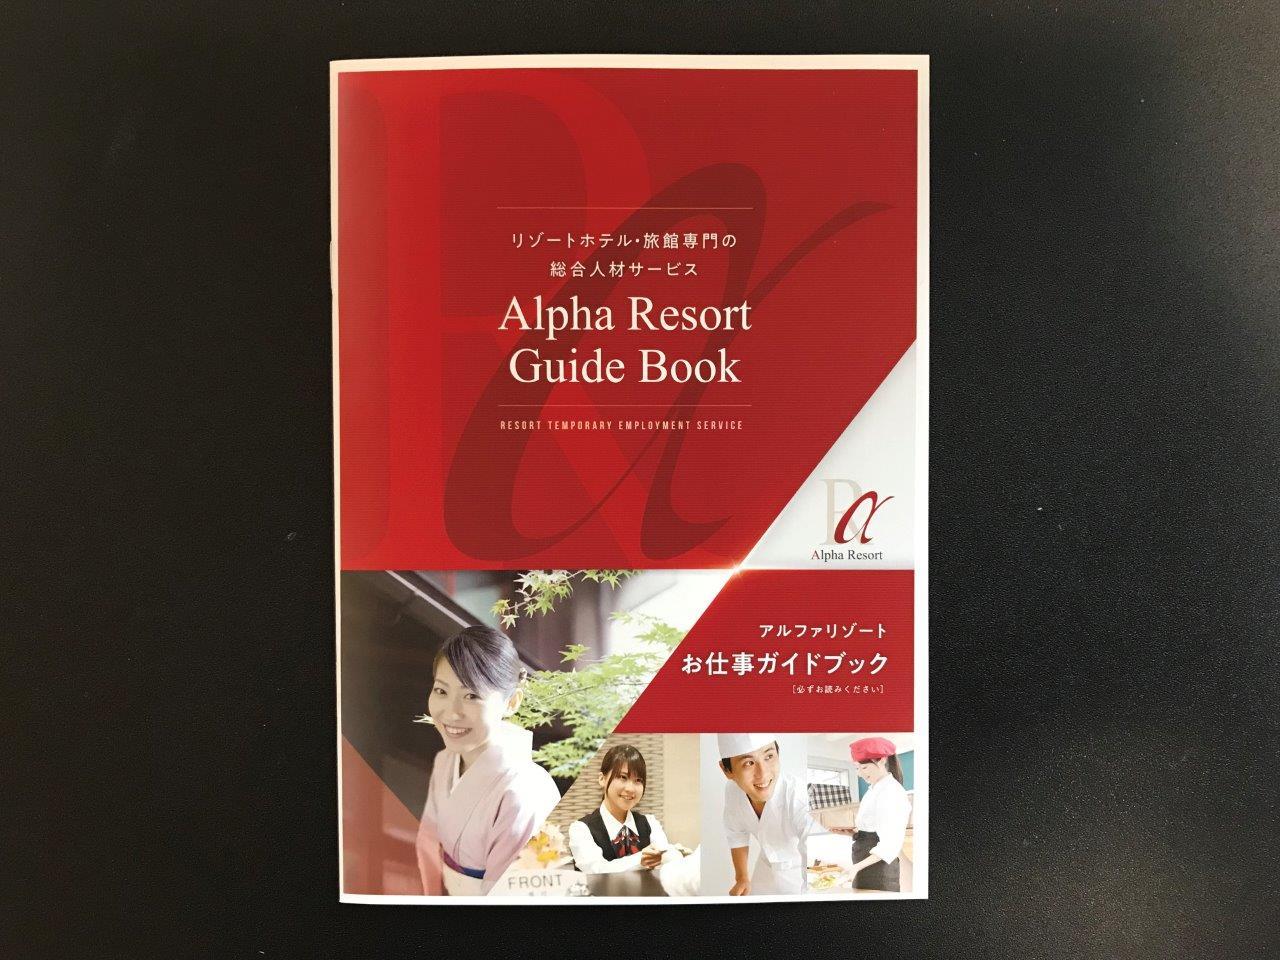 アルファリゾートの求人冊子